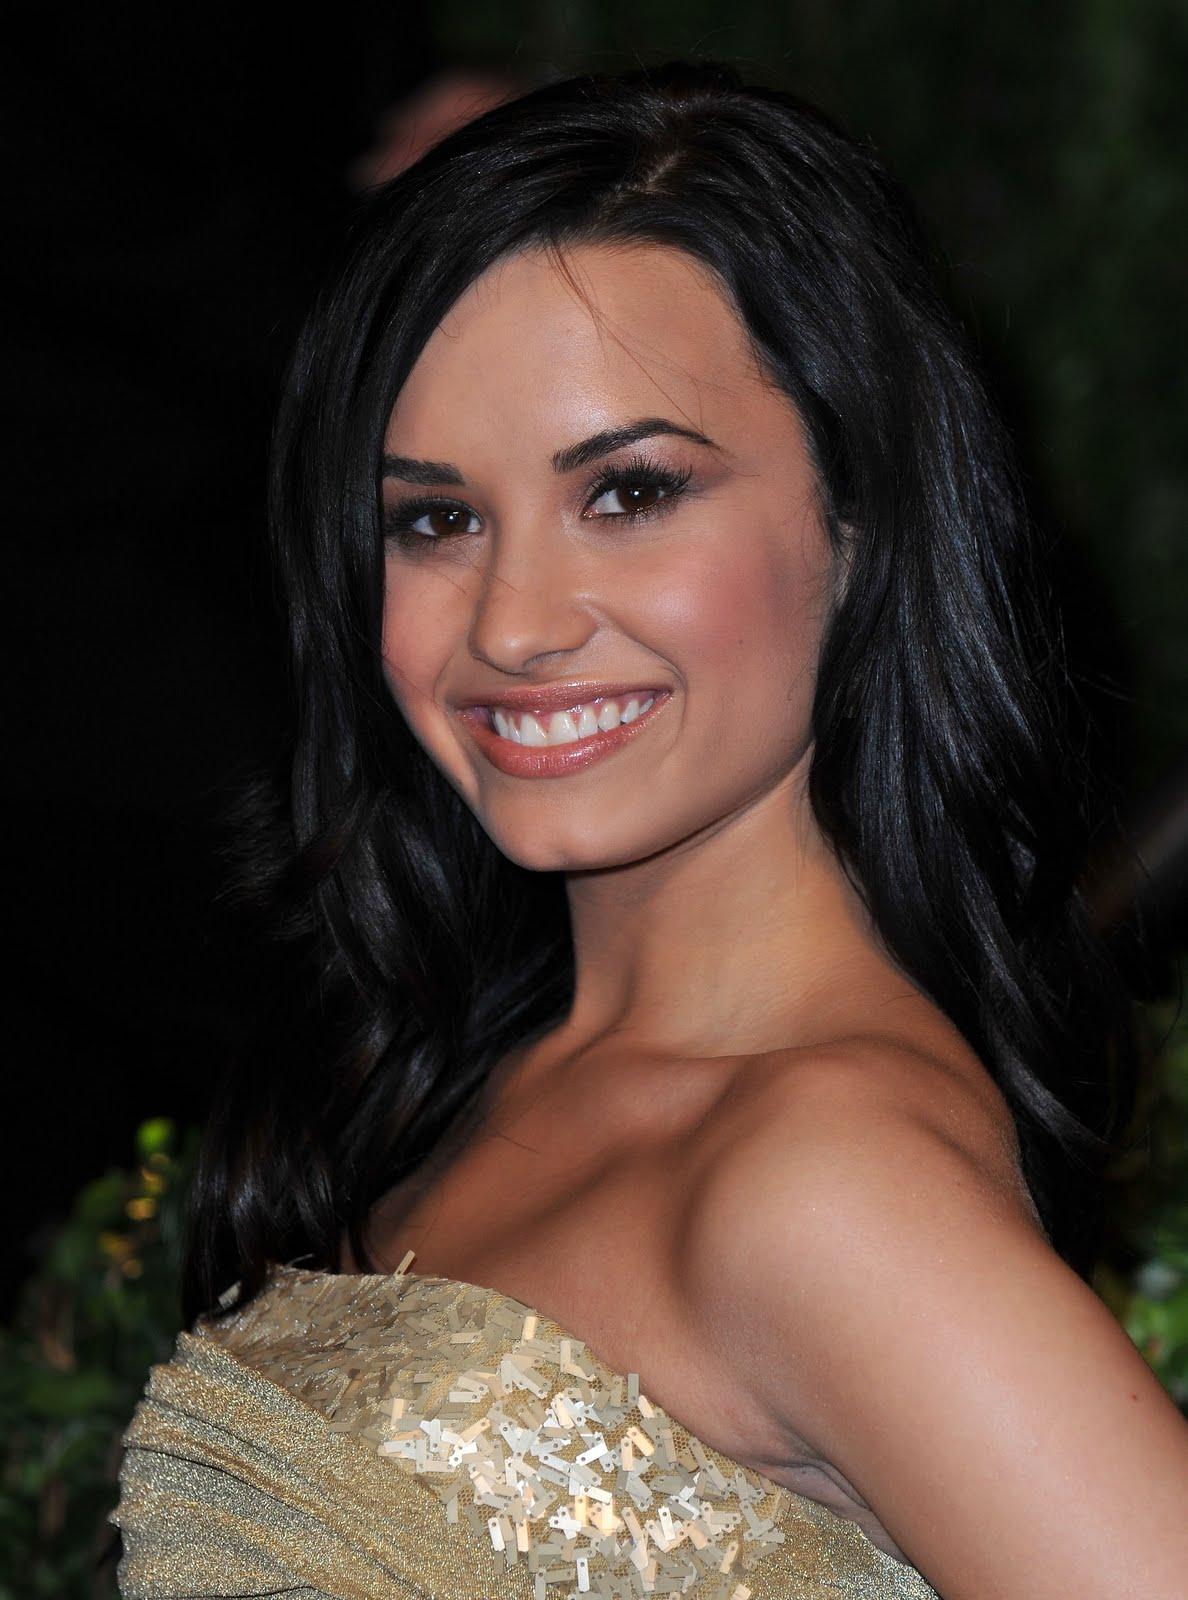 http://1.bp.blogspot.com/-Nu3ZNFwG-yc/Tc7pDSwz4fI/AAAAAAAAAmw/hZuXewRGOY4/s1600/Demi-Lovato.jpg